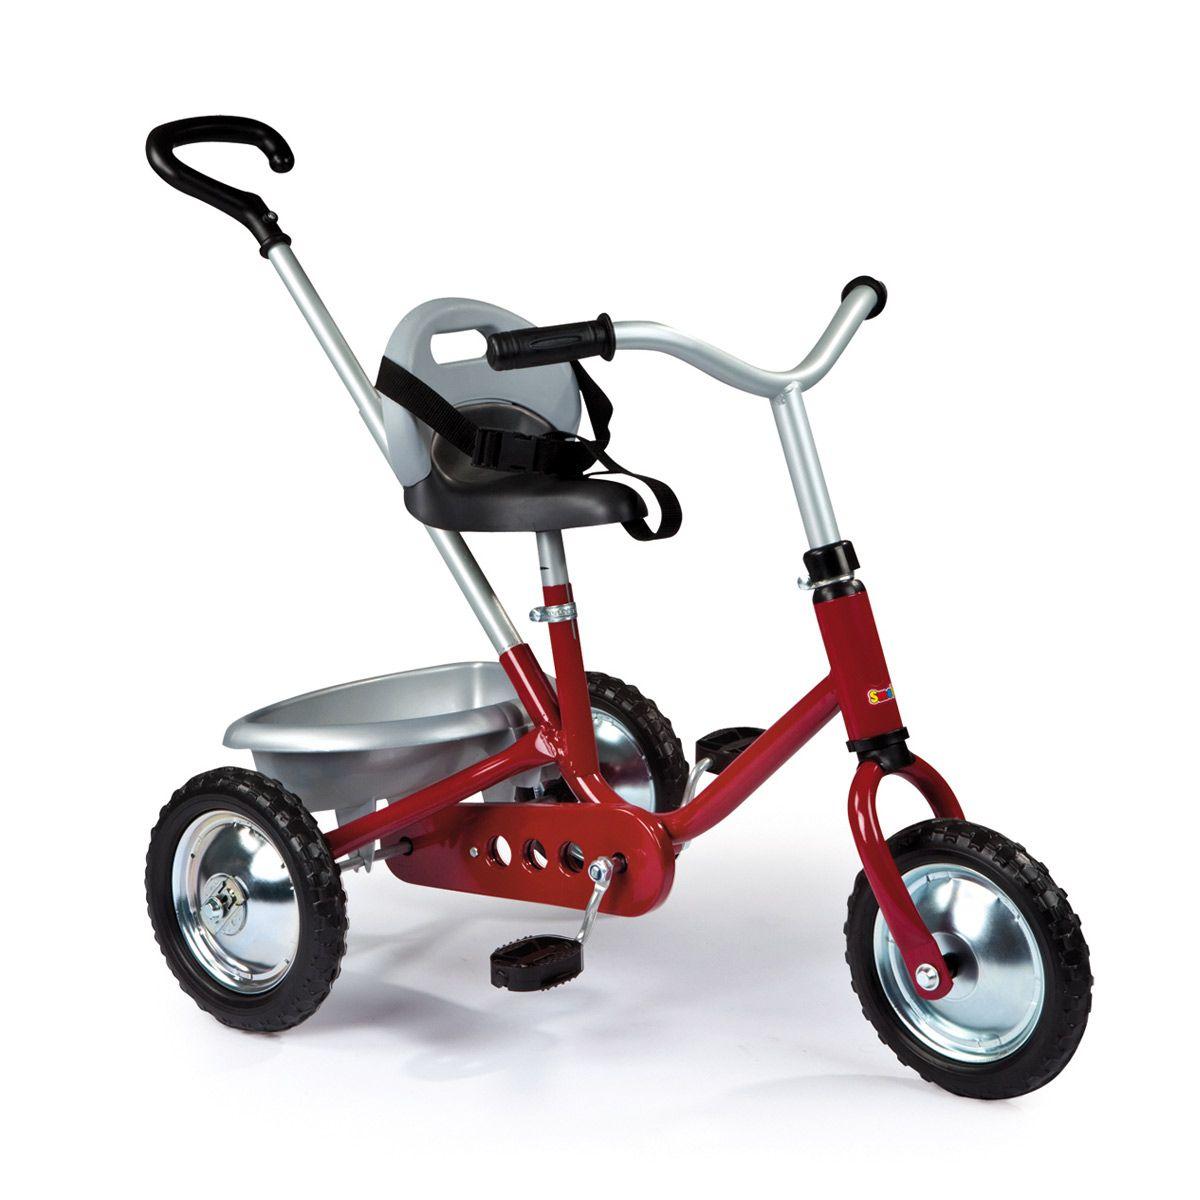 """Voici un tricycle solide et stable : les armatures sont en métal et les roues bien espacées pour une meilleure stabilité. Un premier tricycle qui a fait ses preuves et qui propose une multitude de détails bien pensés : position des pédales, harnais 3 points, poignée intégrée au dossier, roues crantées """"tout-terrain"""", système de roues libres et canne parentale."""